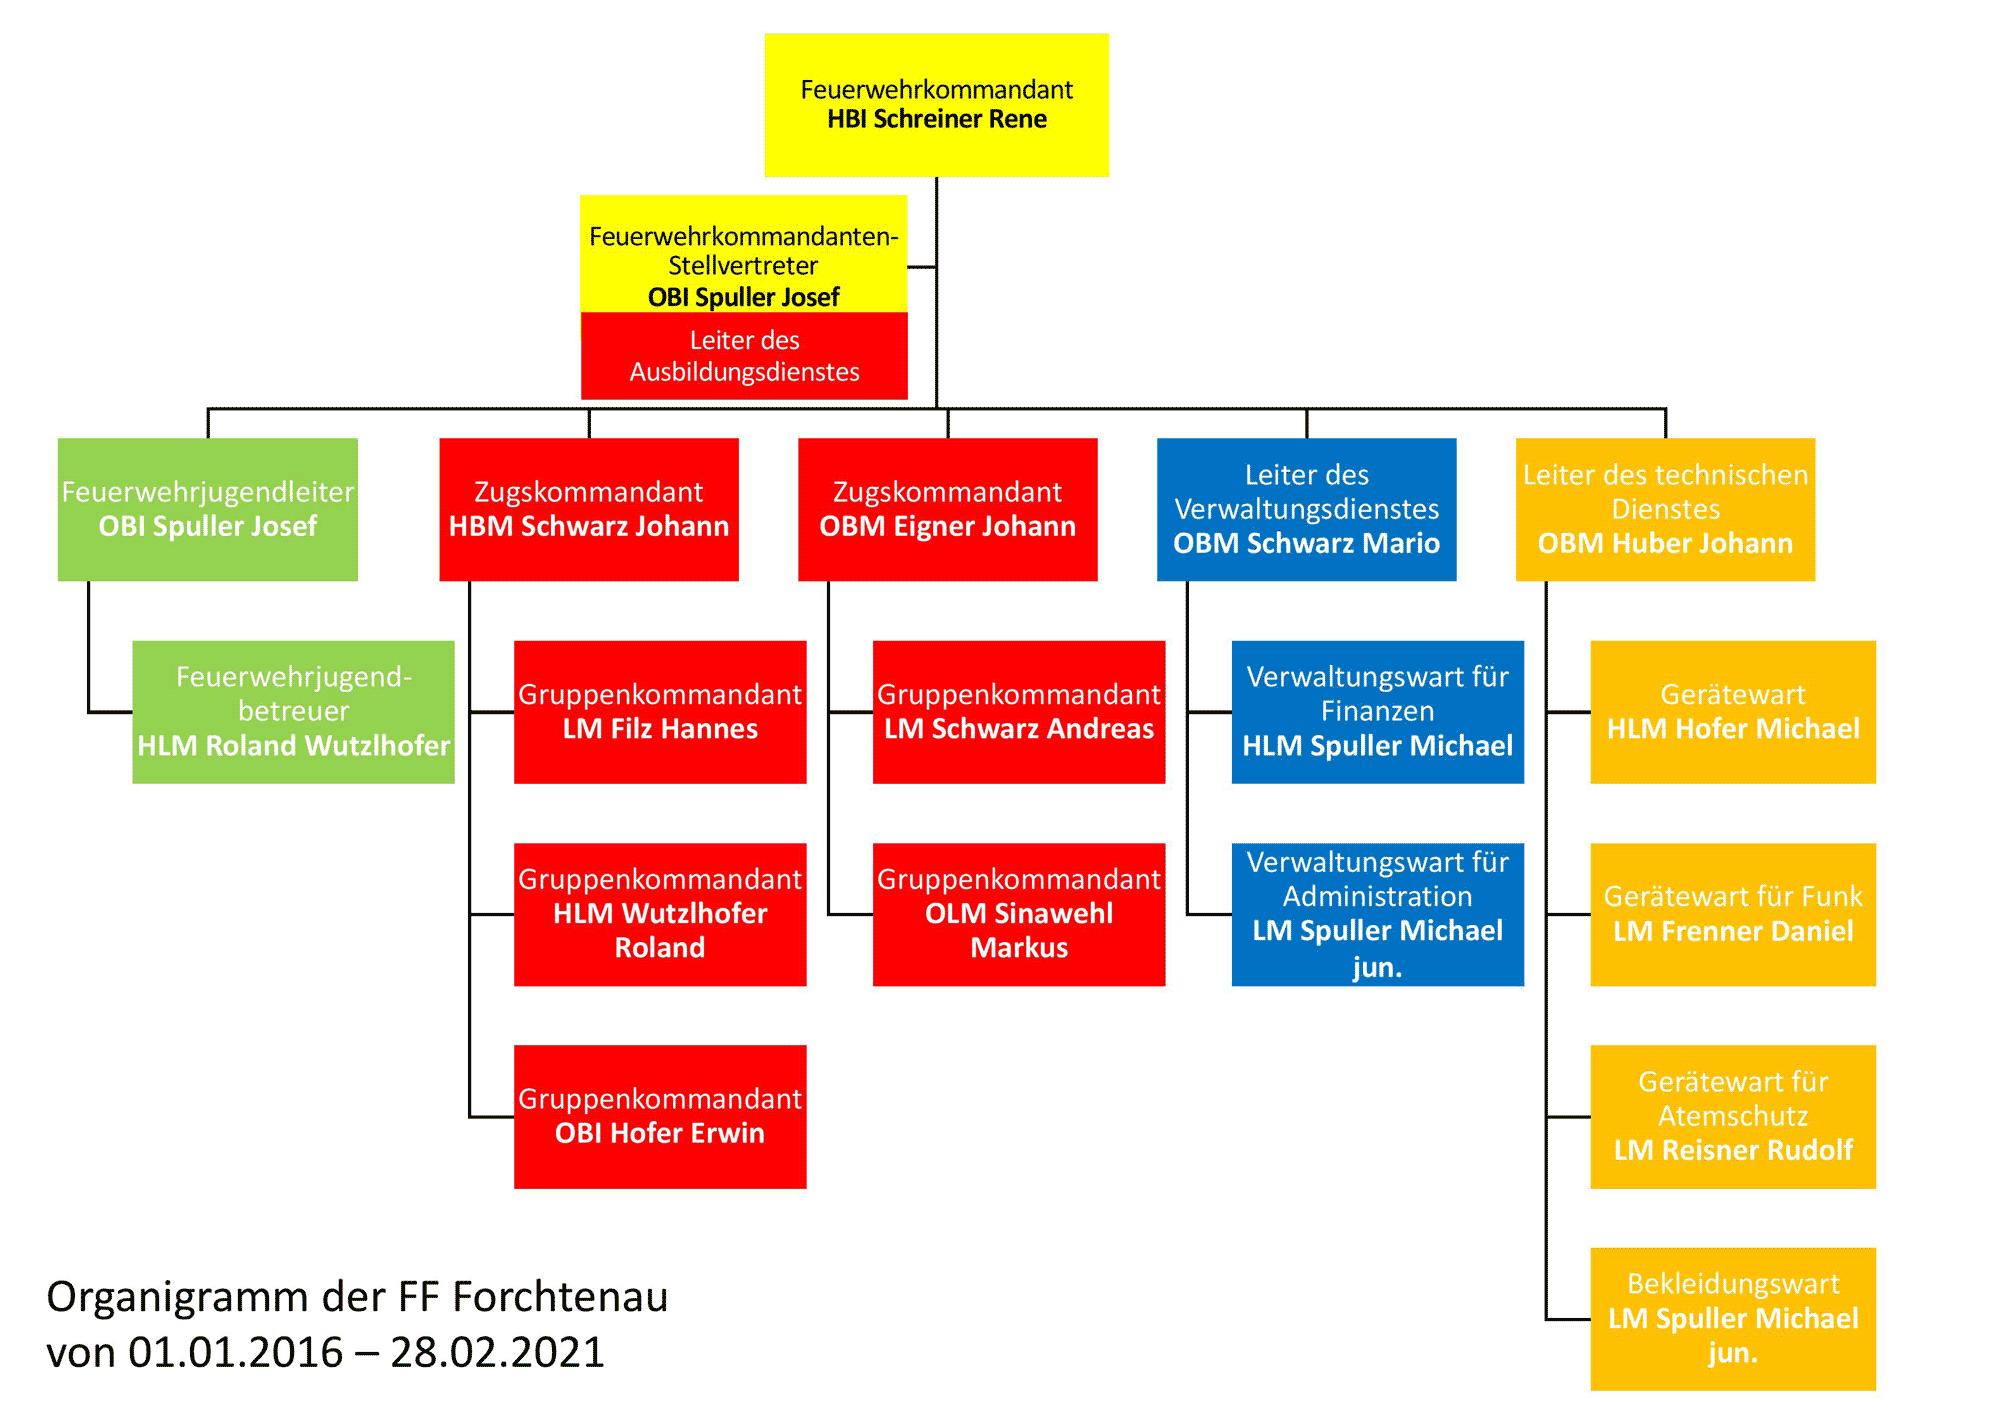 Organigramm-FF-Forchtenau-2020